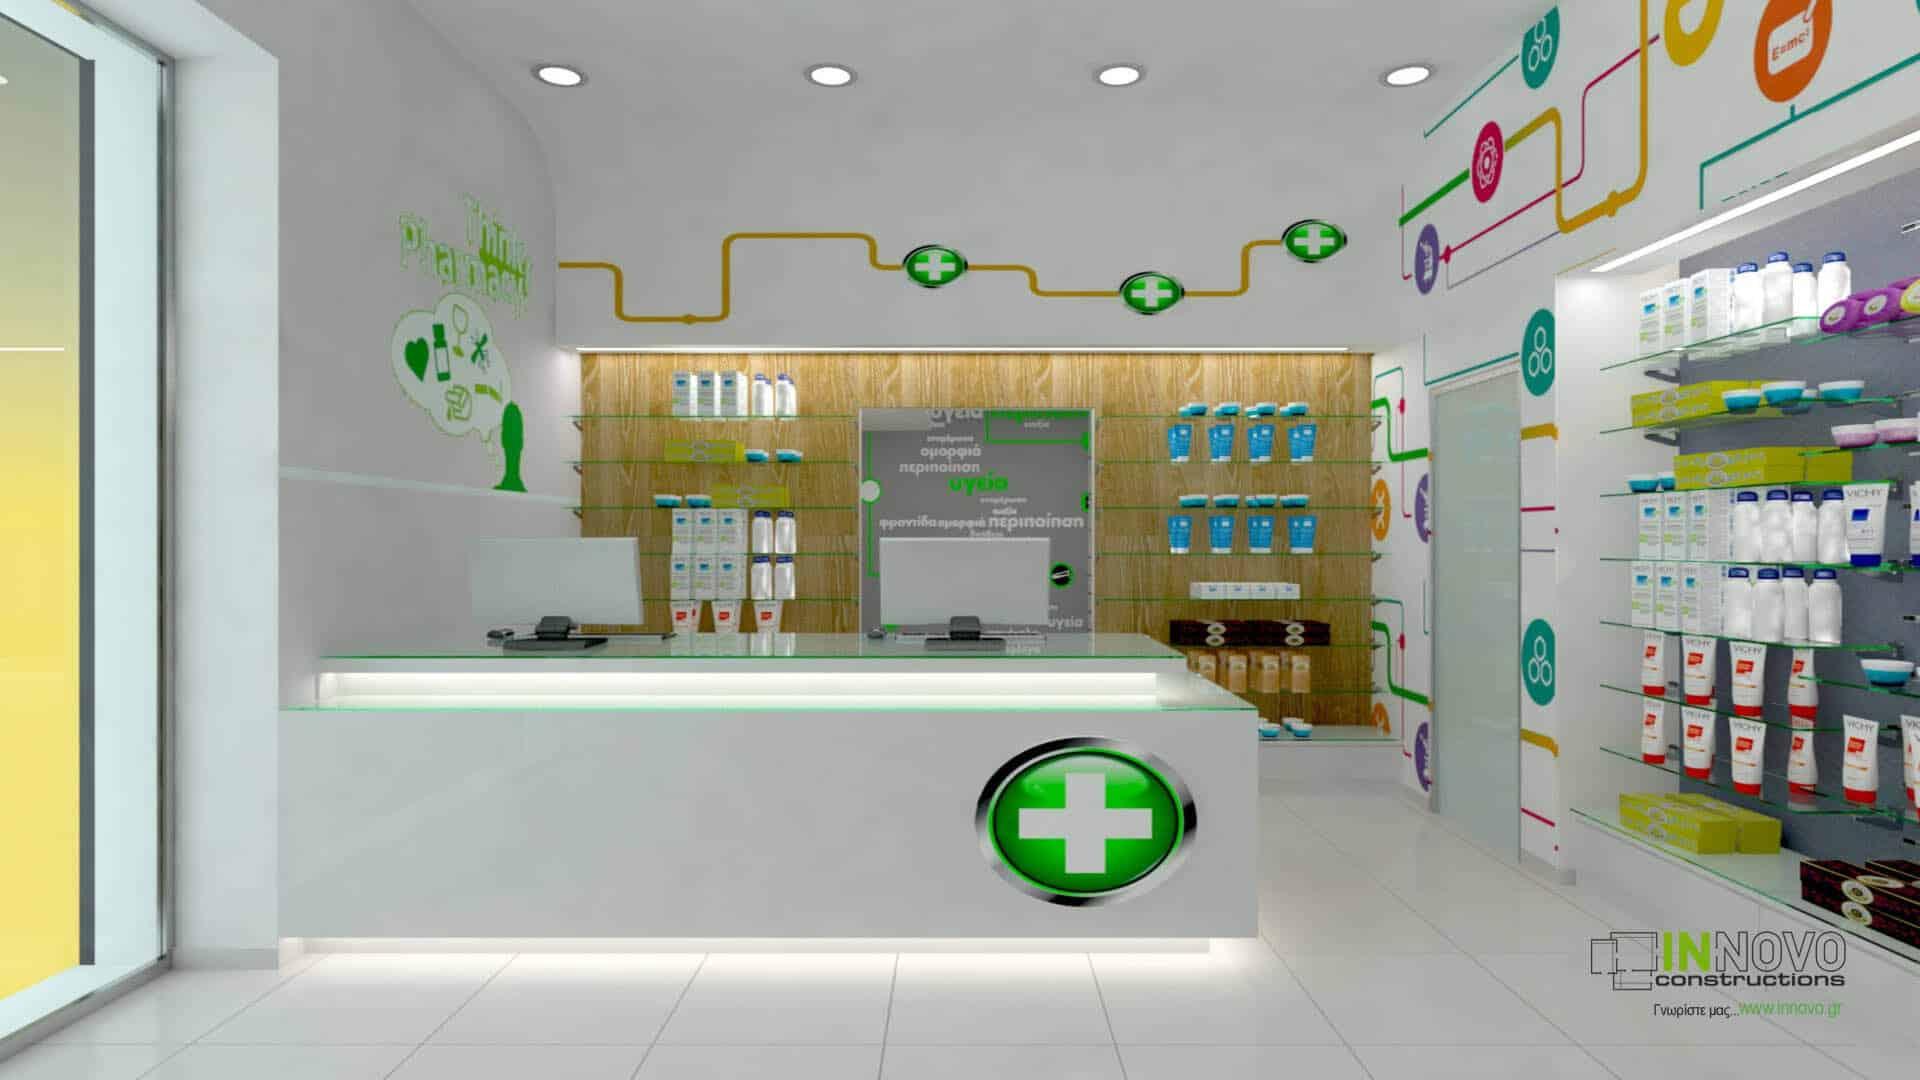 Σχεδιασμός κατασκευής φαρμακείου στην Αθήνα